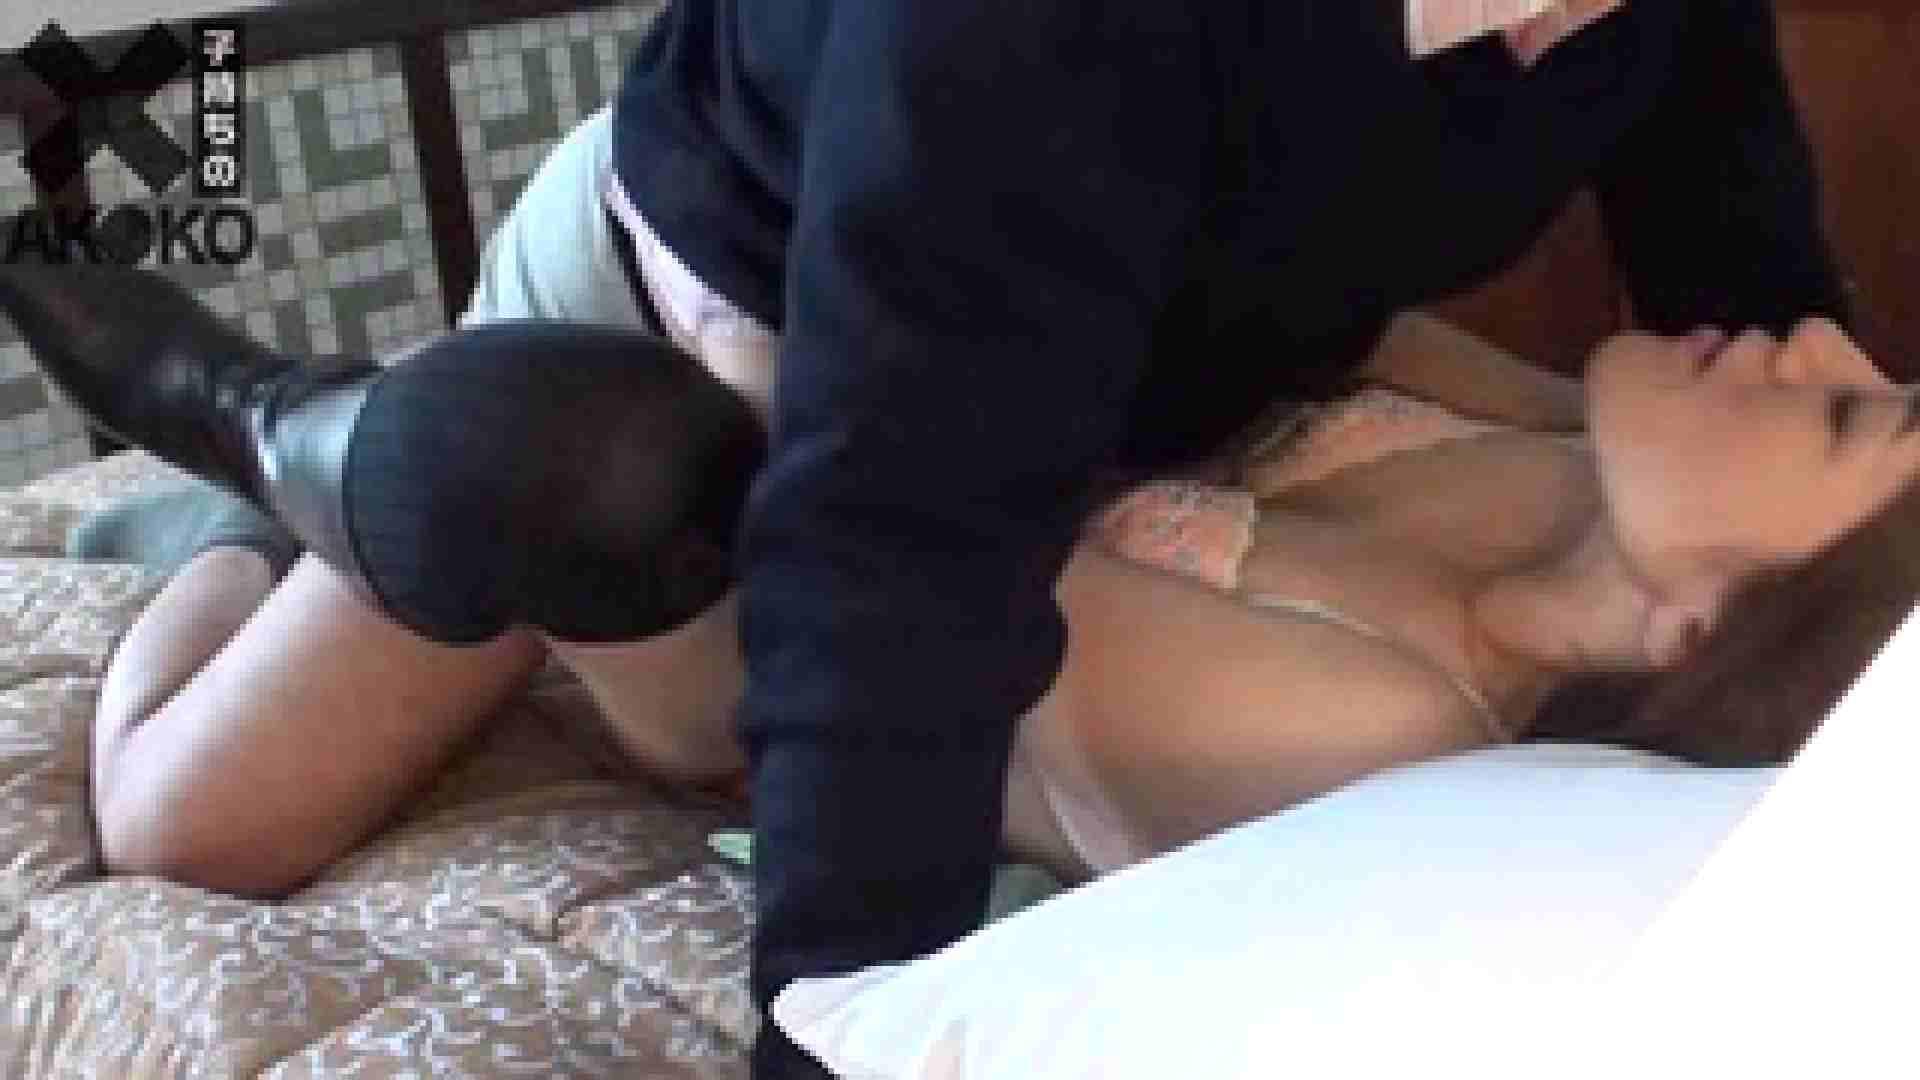 ×一子持ちの現役看護士AK I KOvol.3 一般投稿 おめこ無修正動画無料 80pic 58